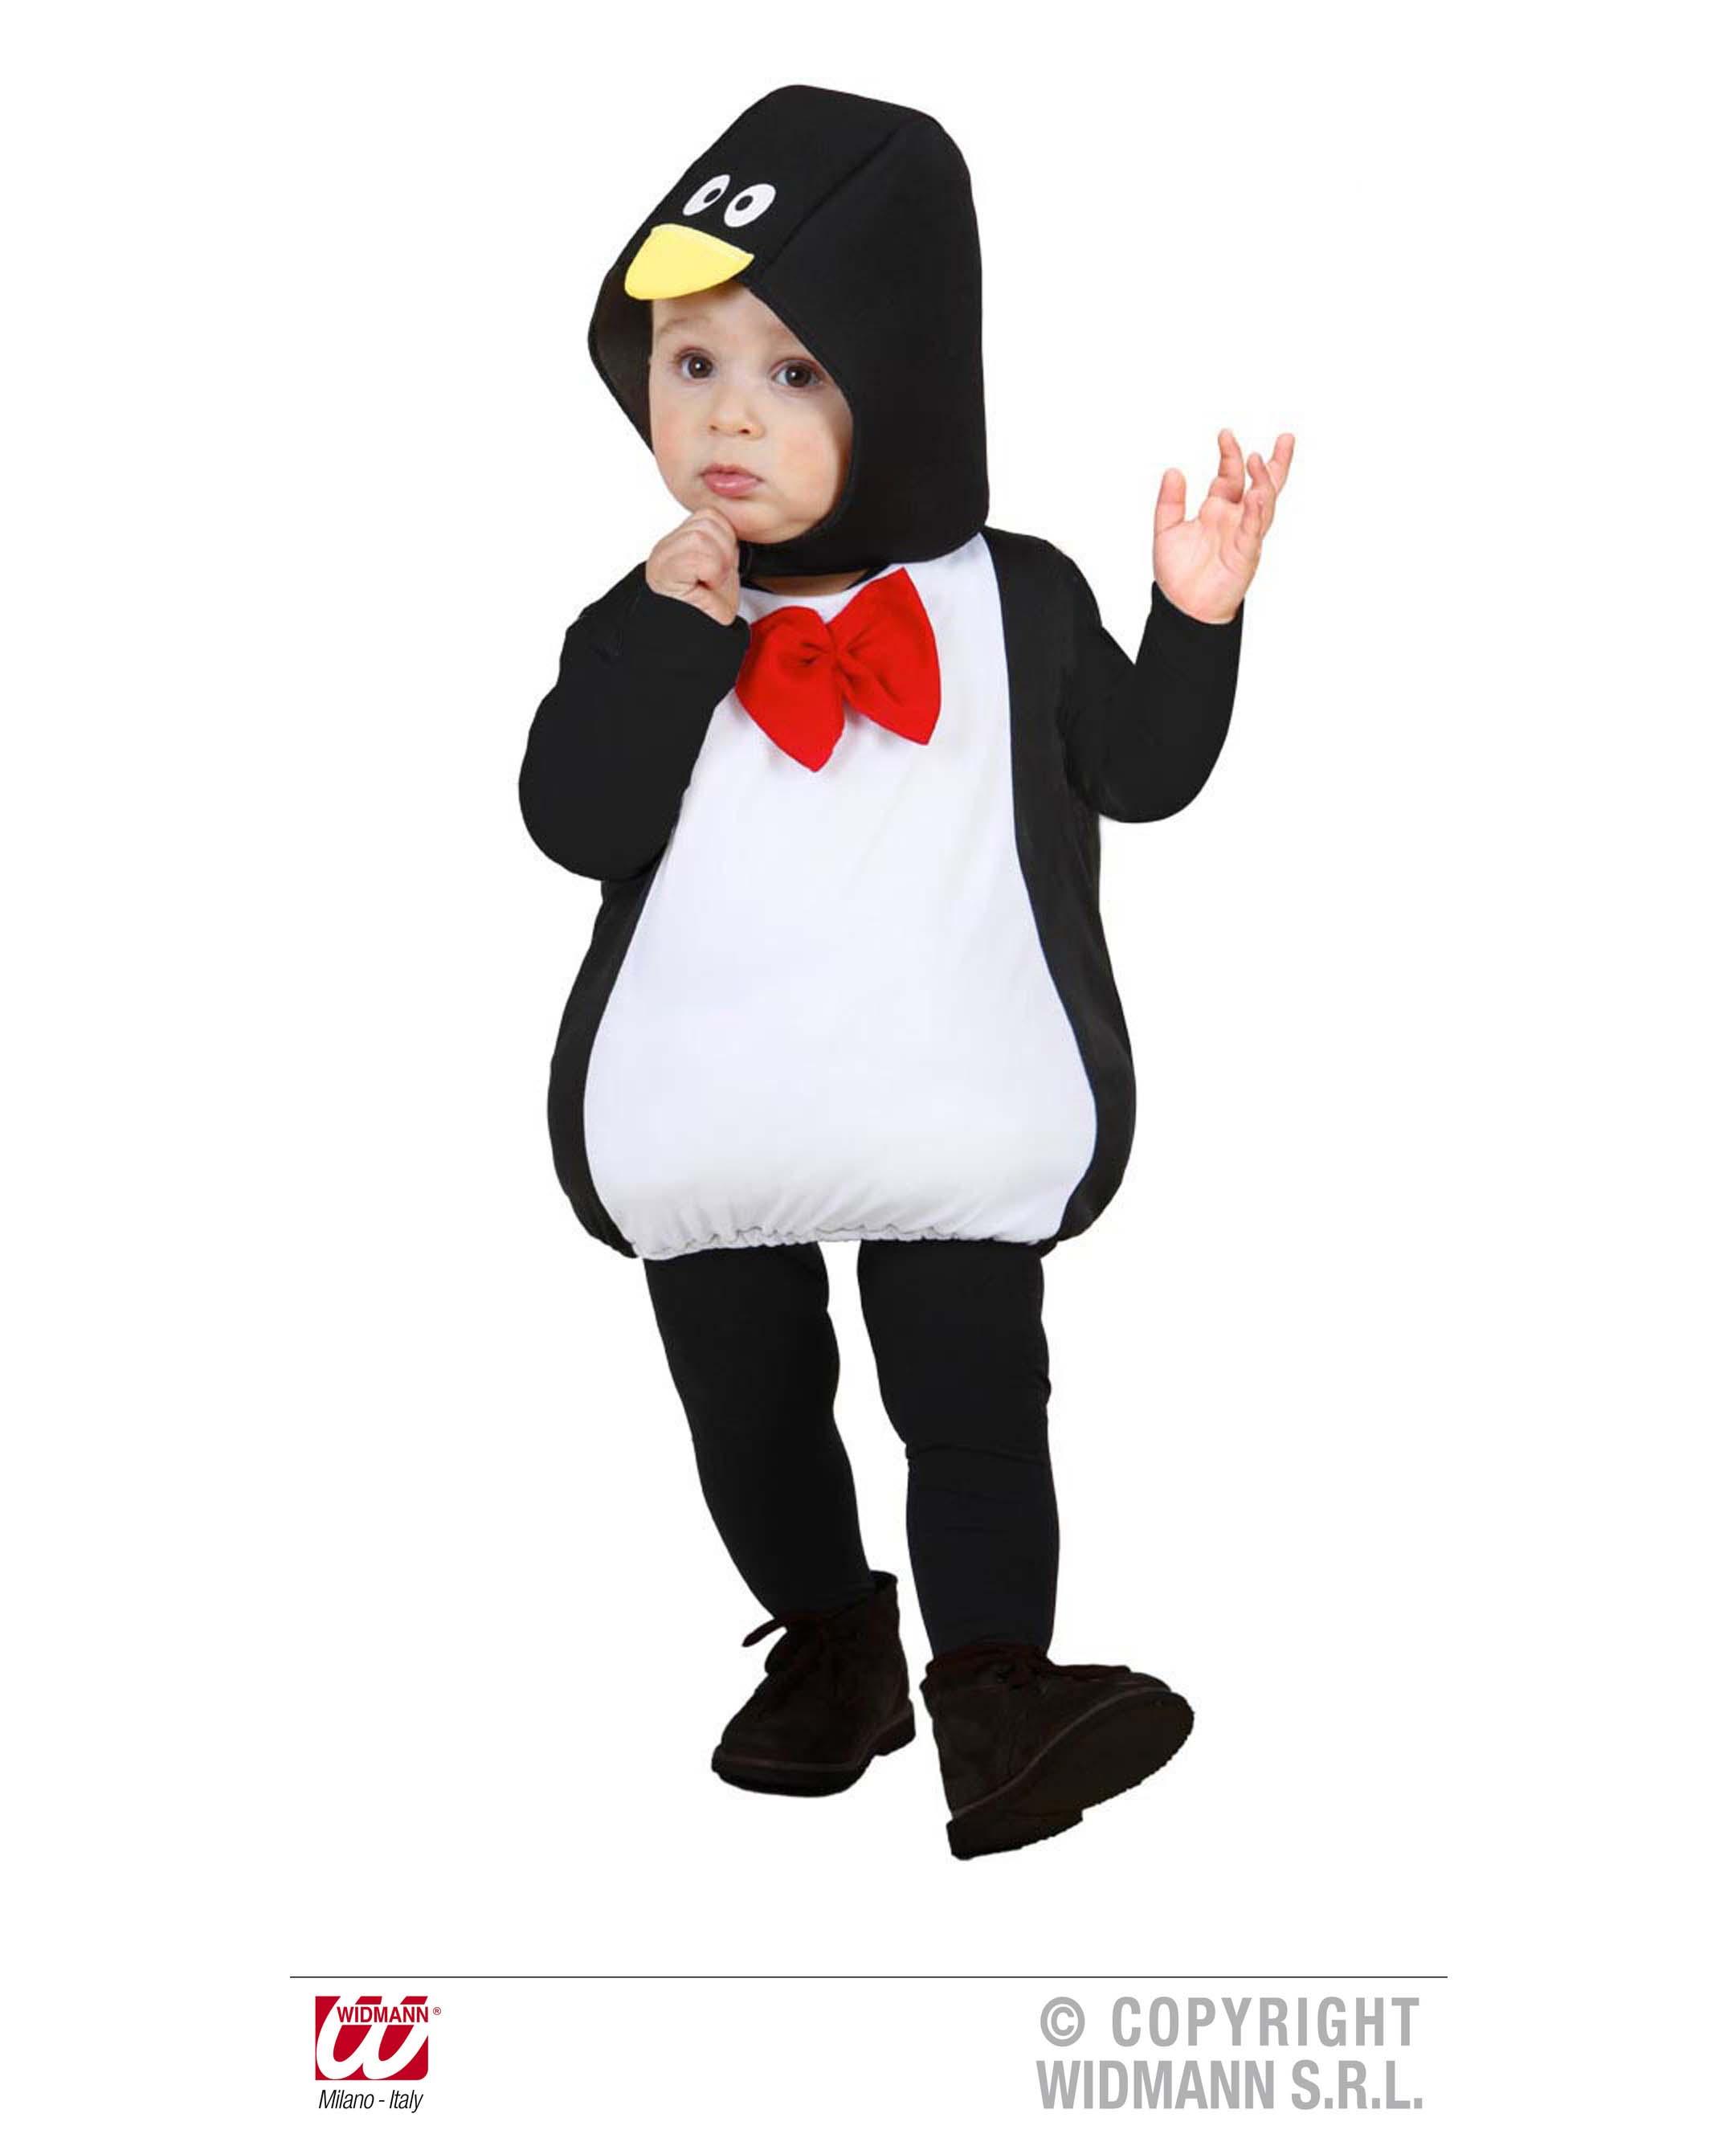 2 tlg. Pinguin Kostüm, Kinder Gr. 80-86. 1-2 Jahre, Karneval 1895